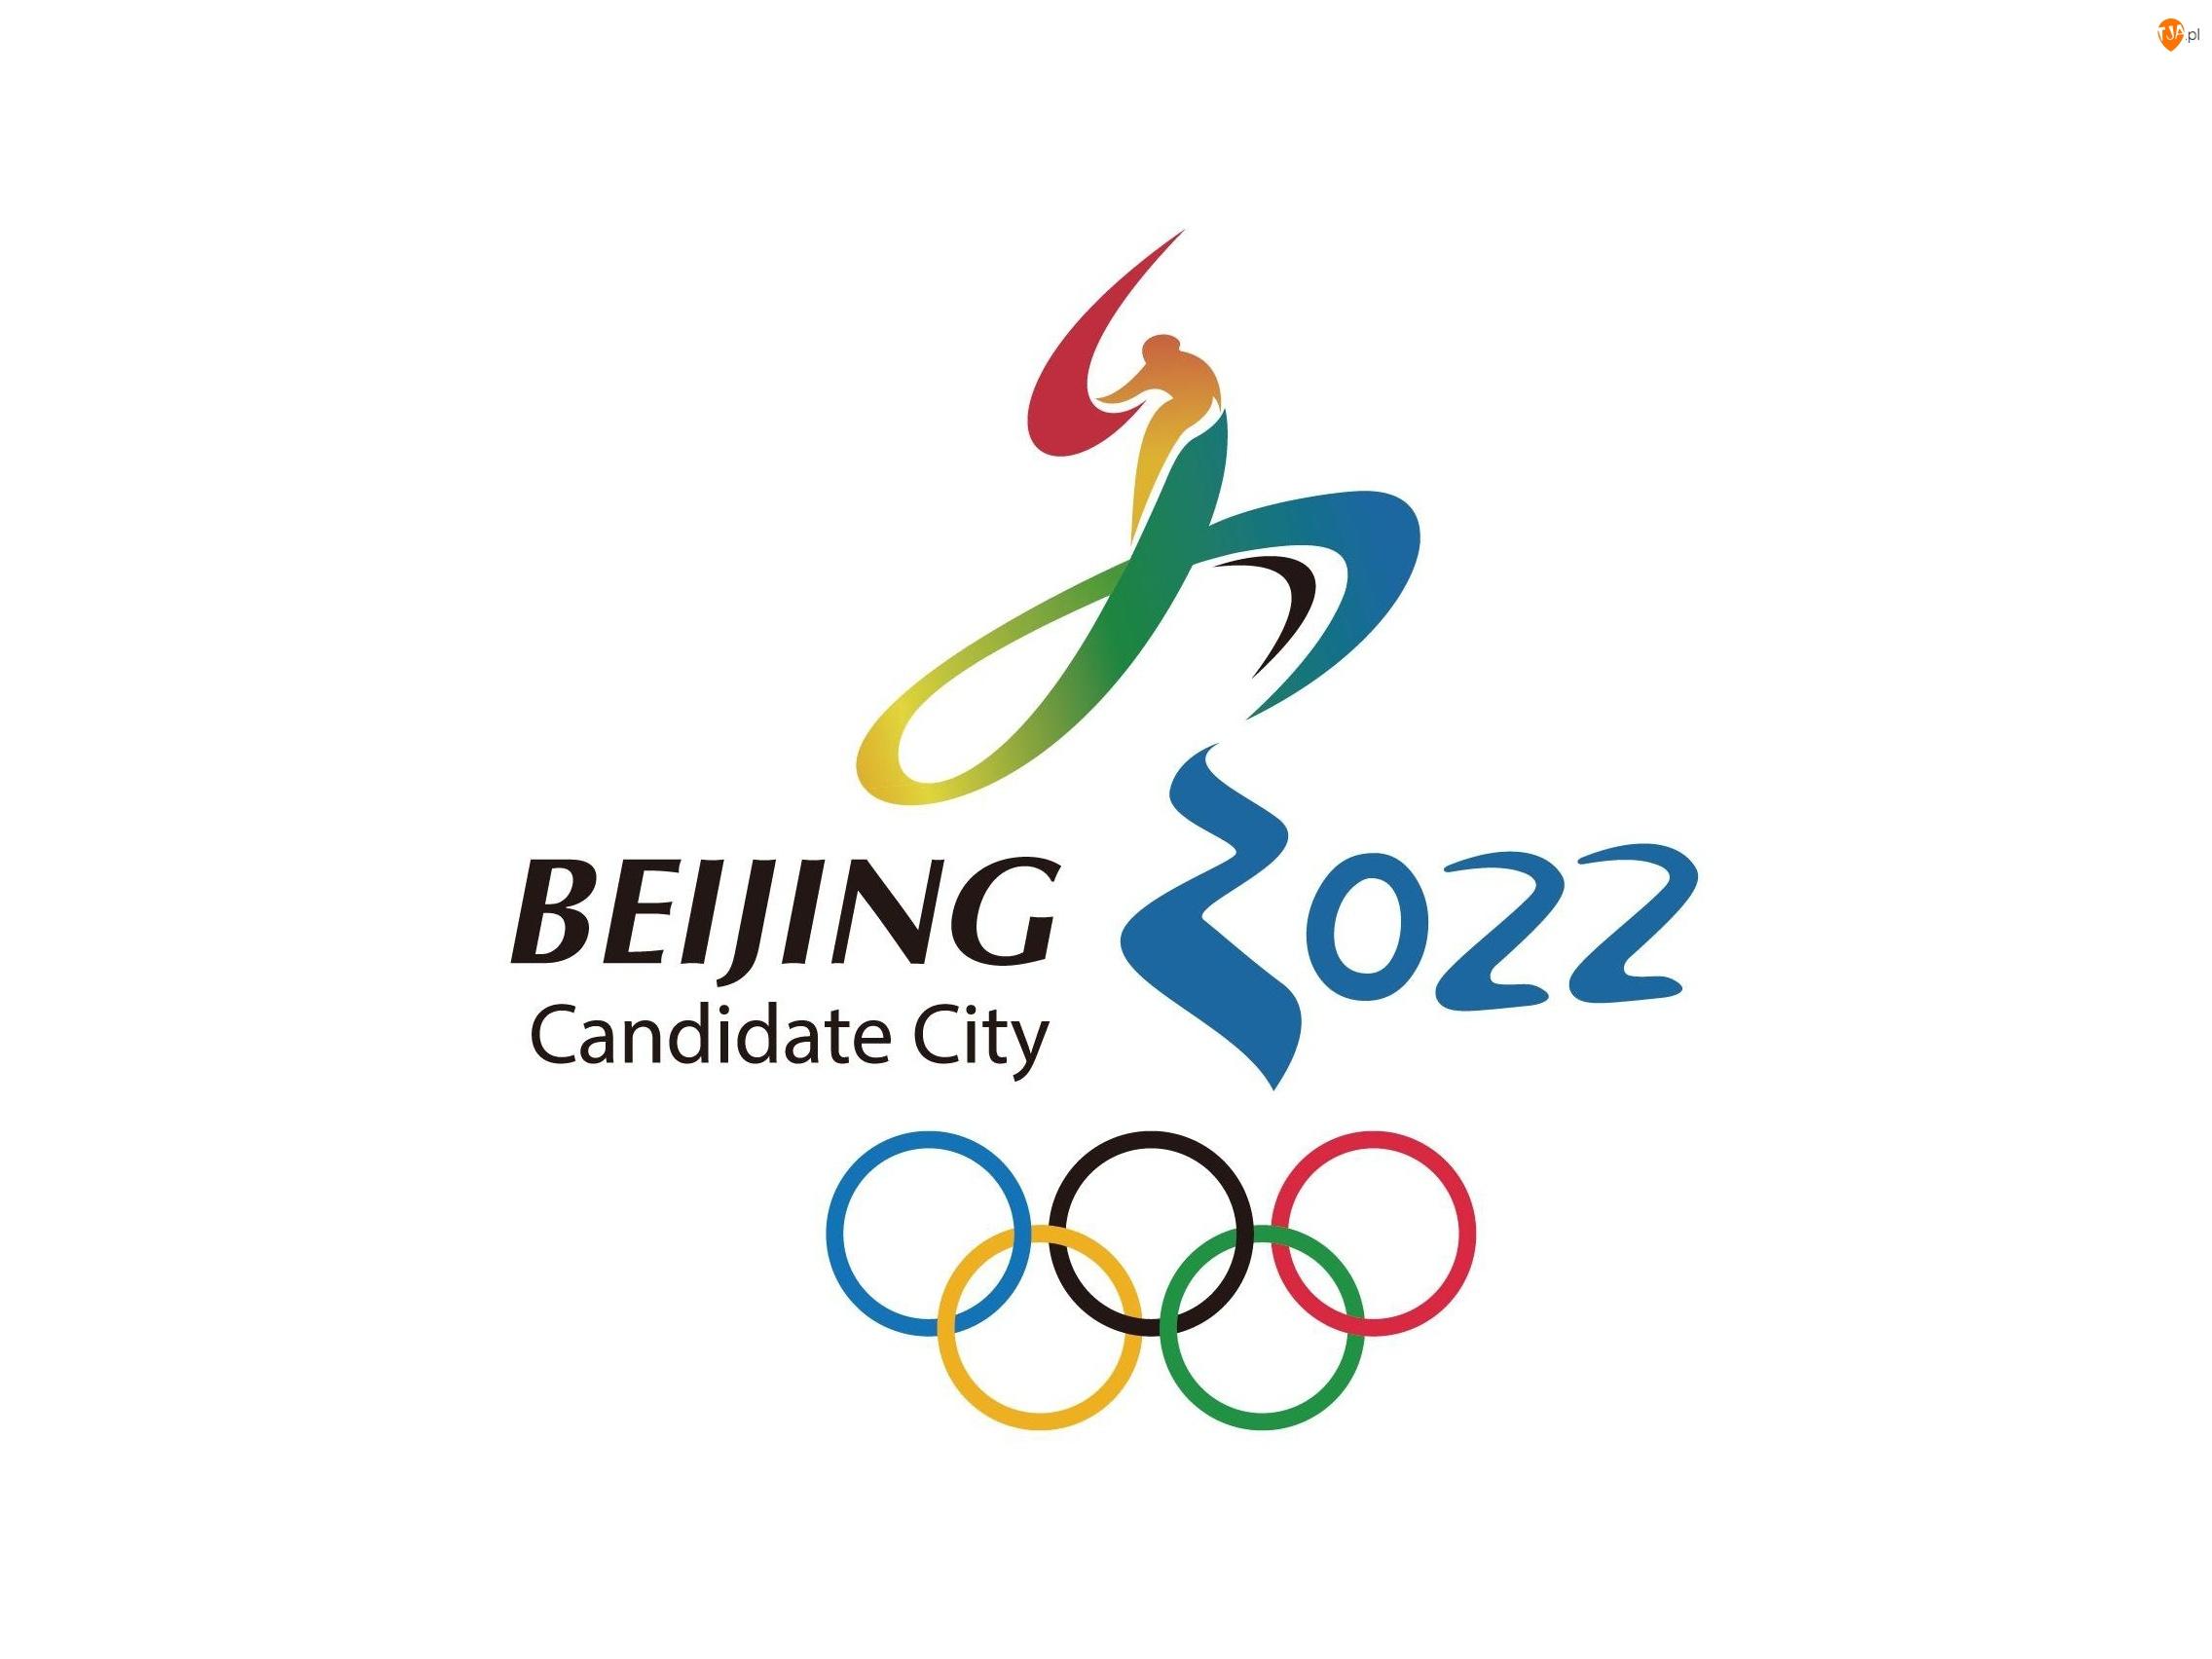 Pekin, Igrzyska Olimpijskie